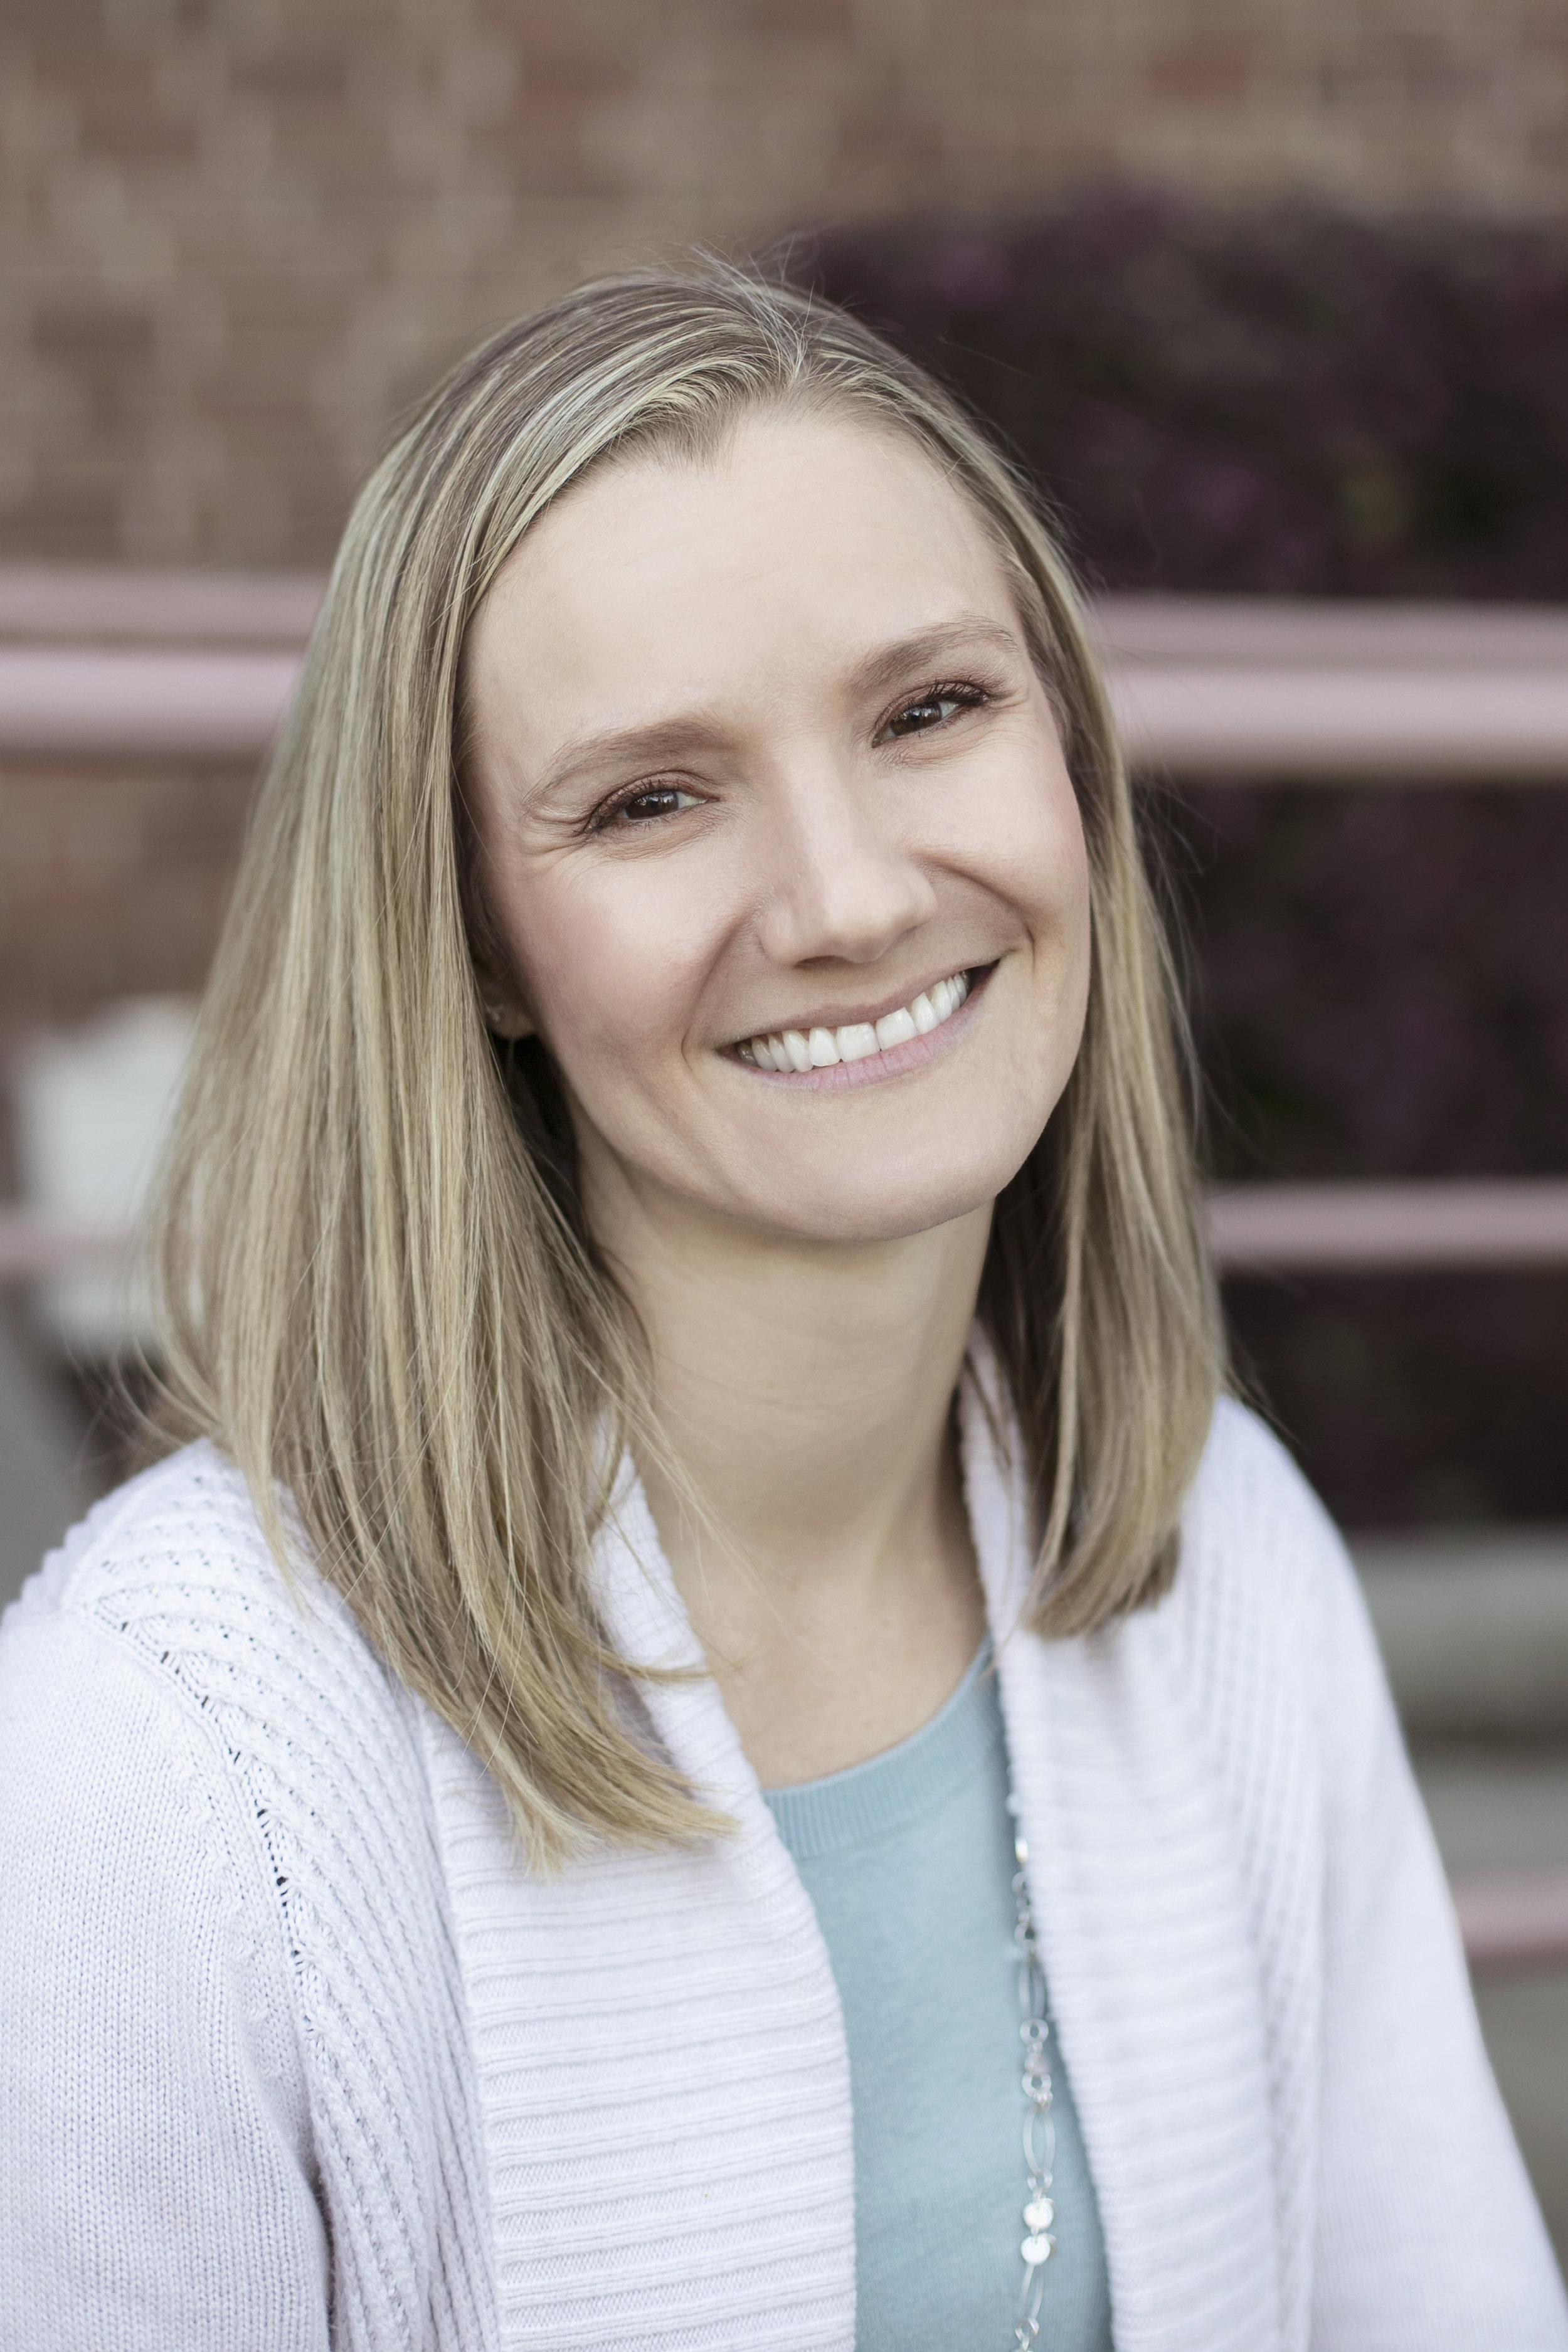 Kristi J. Robles